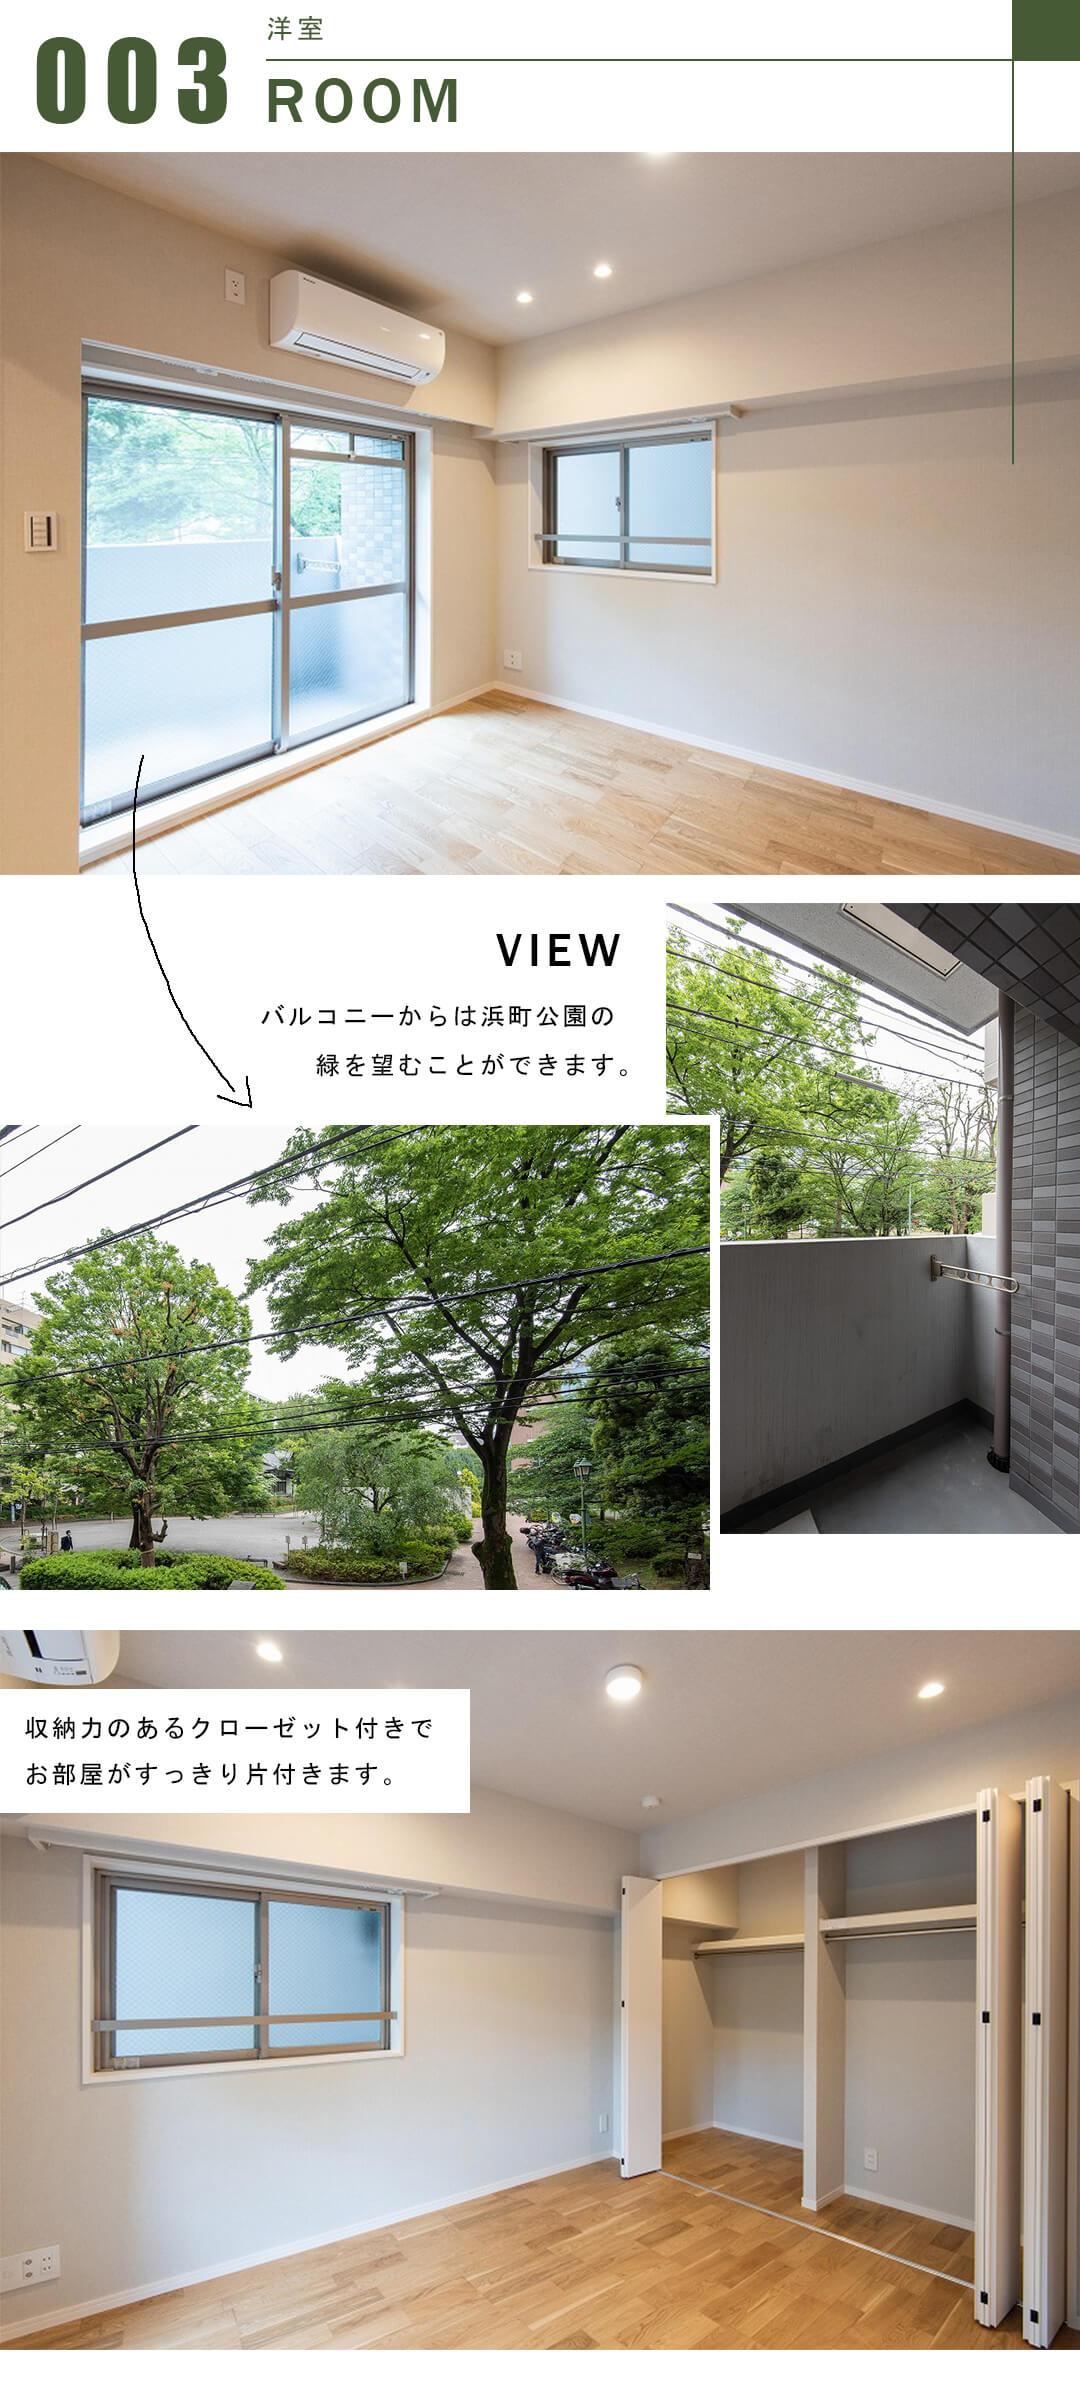 スカイコート日本橋浜町公園の洋室とバルコニー